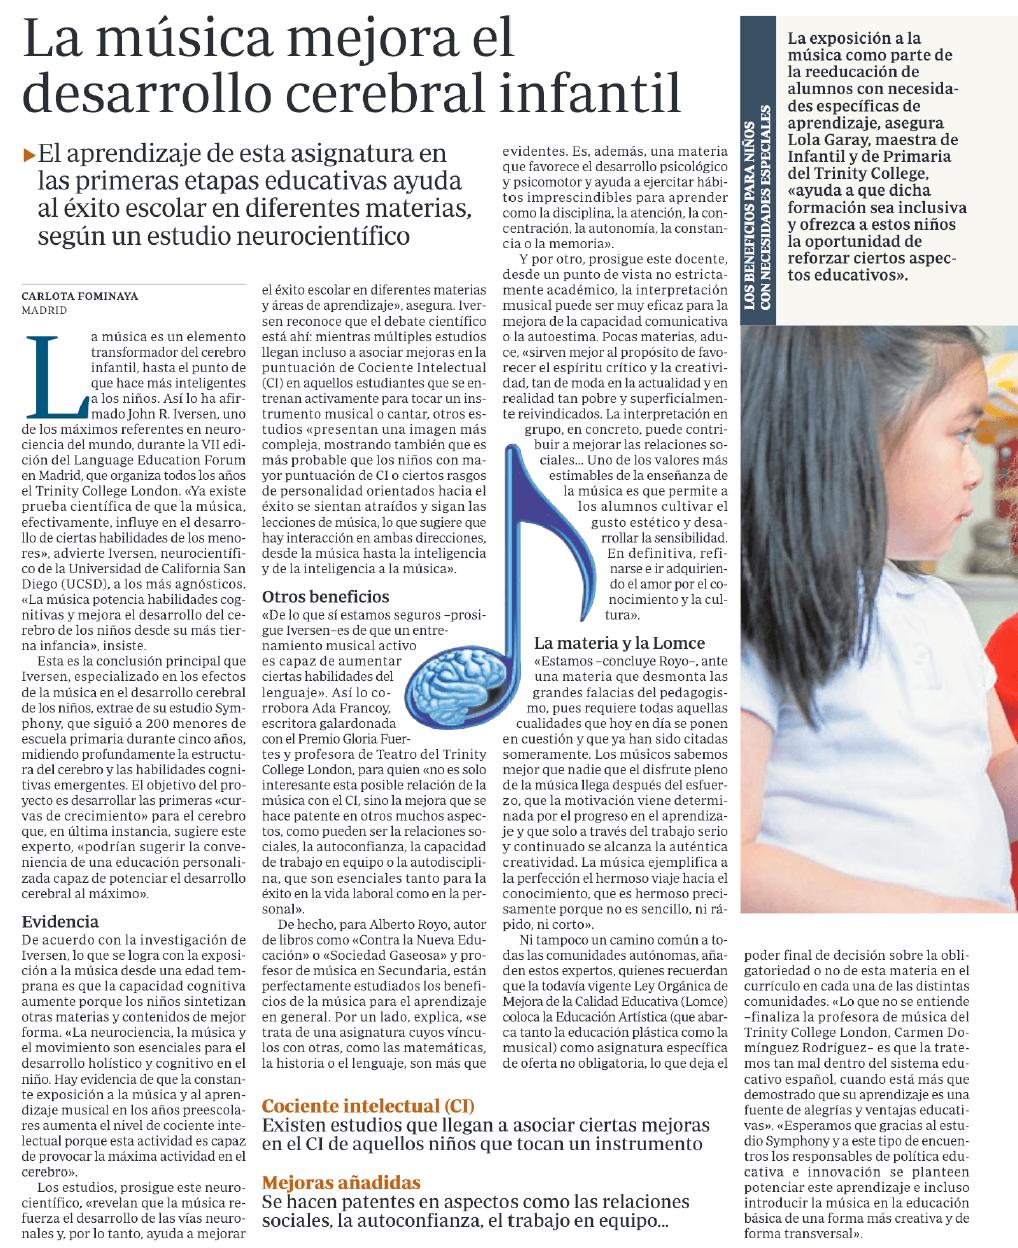 La música mejora el desarrollo cerebral ABC